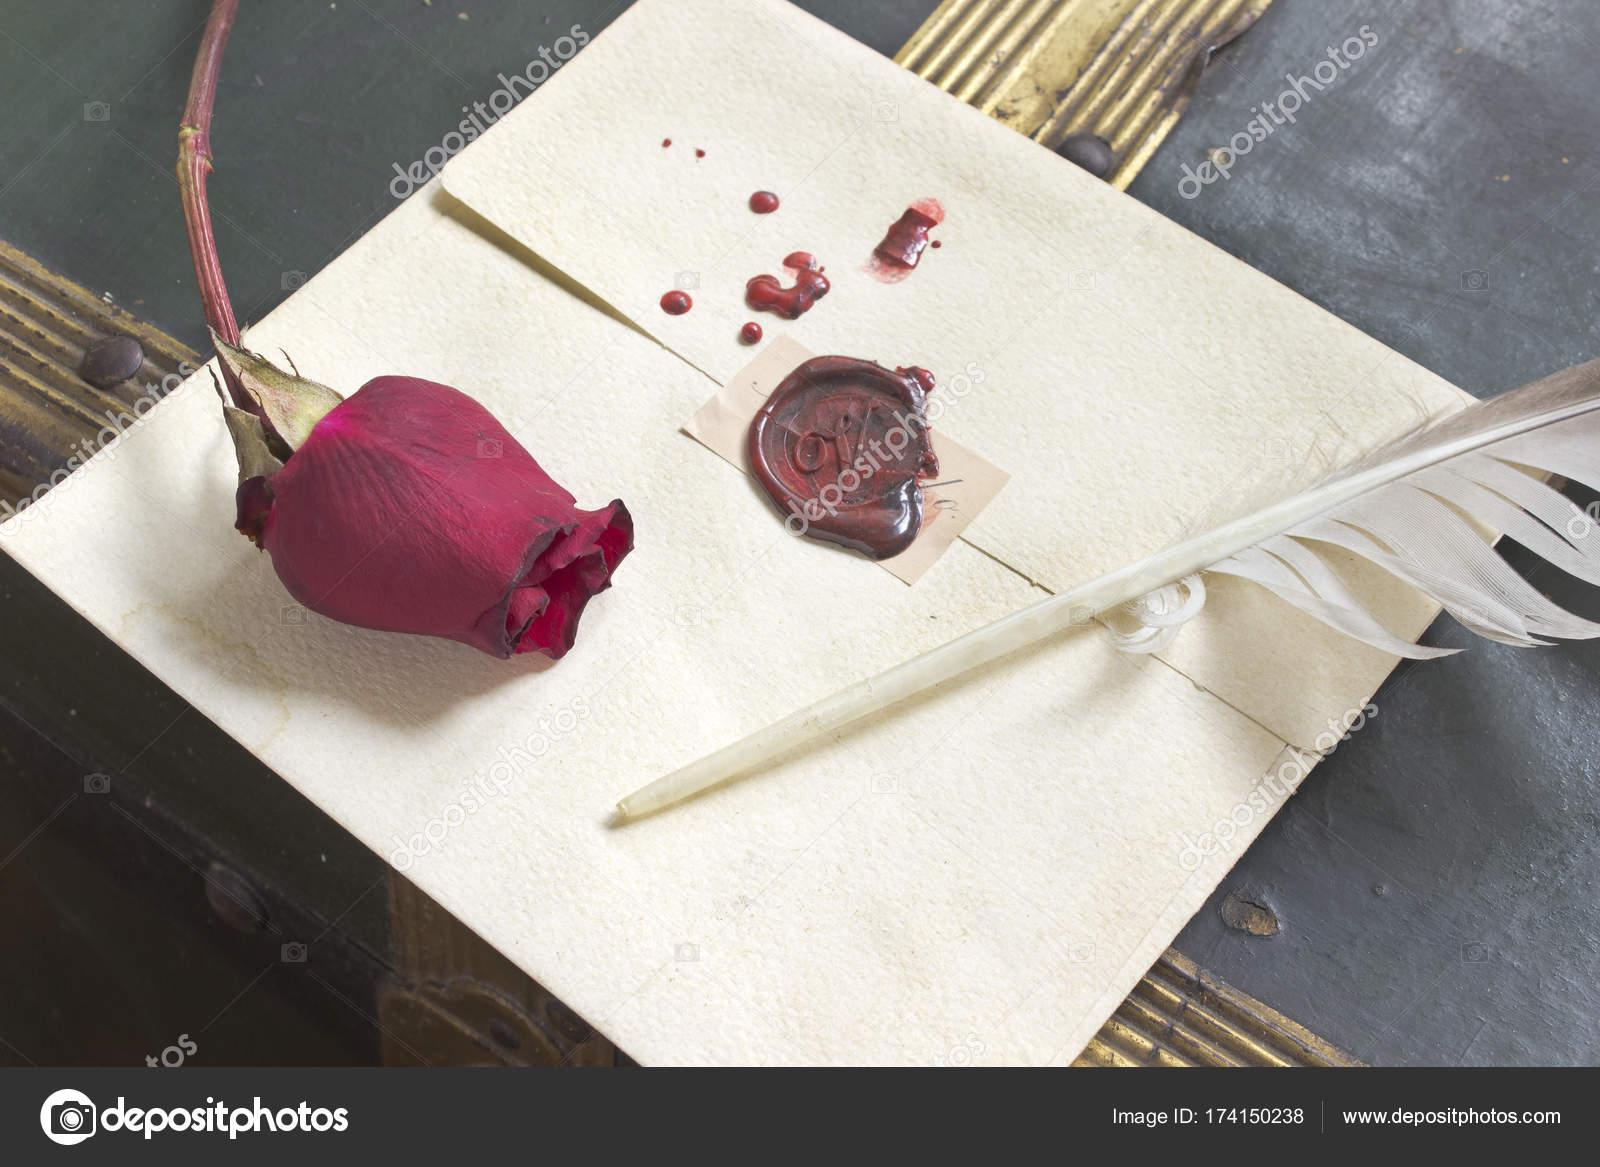 лианоподобное, фотографию воском запечатать видов выпечки